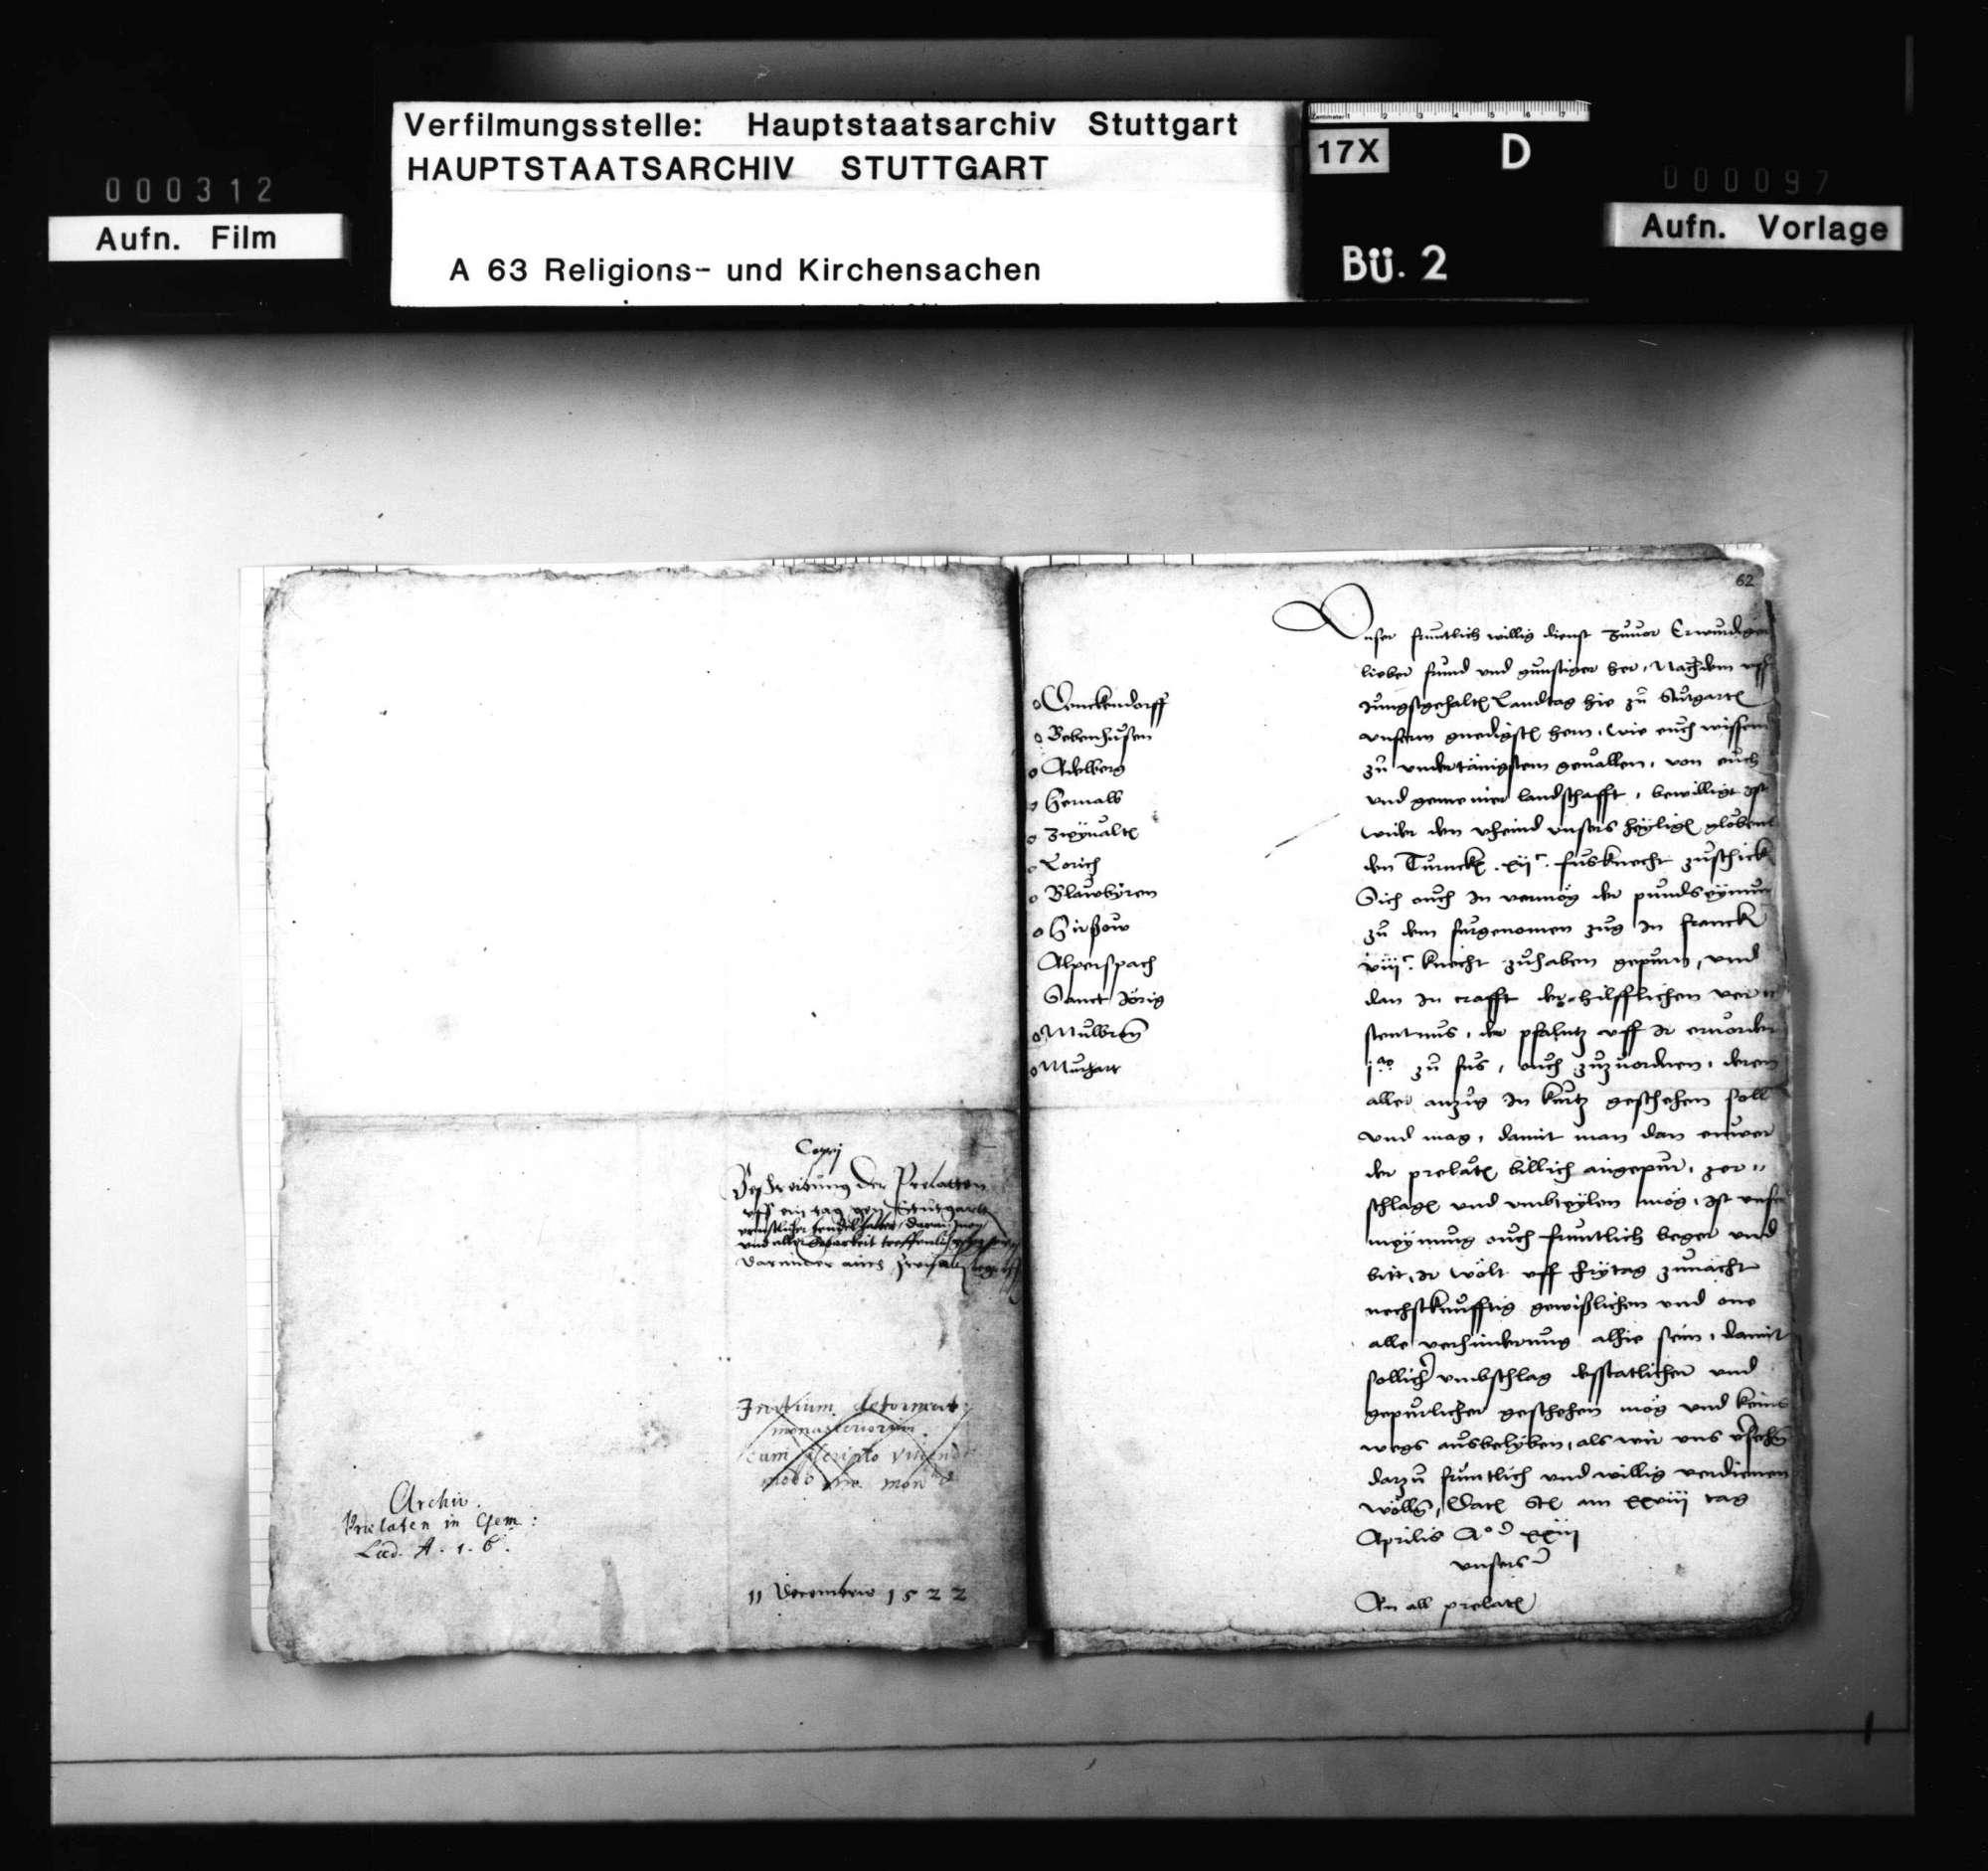 Einladungsschreiben an die Prälaten zu Landtagen in Stuttgart, die Umlage wegen der Türkenhilfe und zu den Zügen in Franken und der Pfalz betreffend, Bild 3